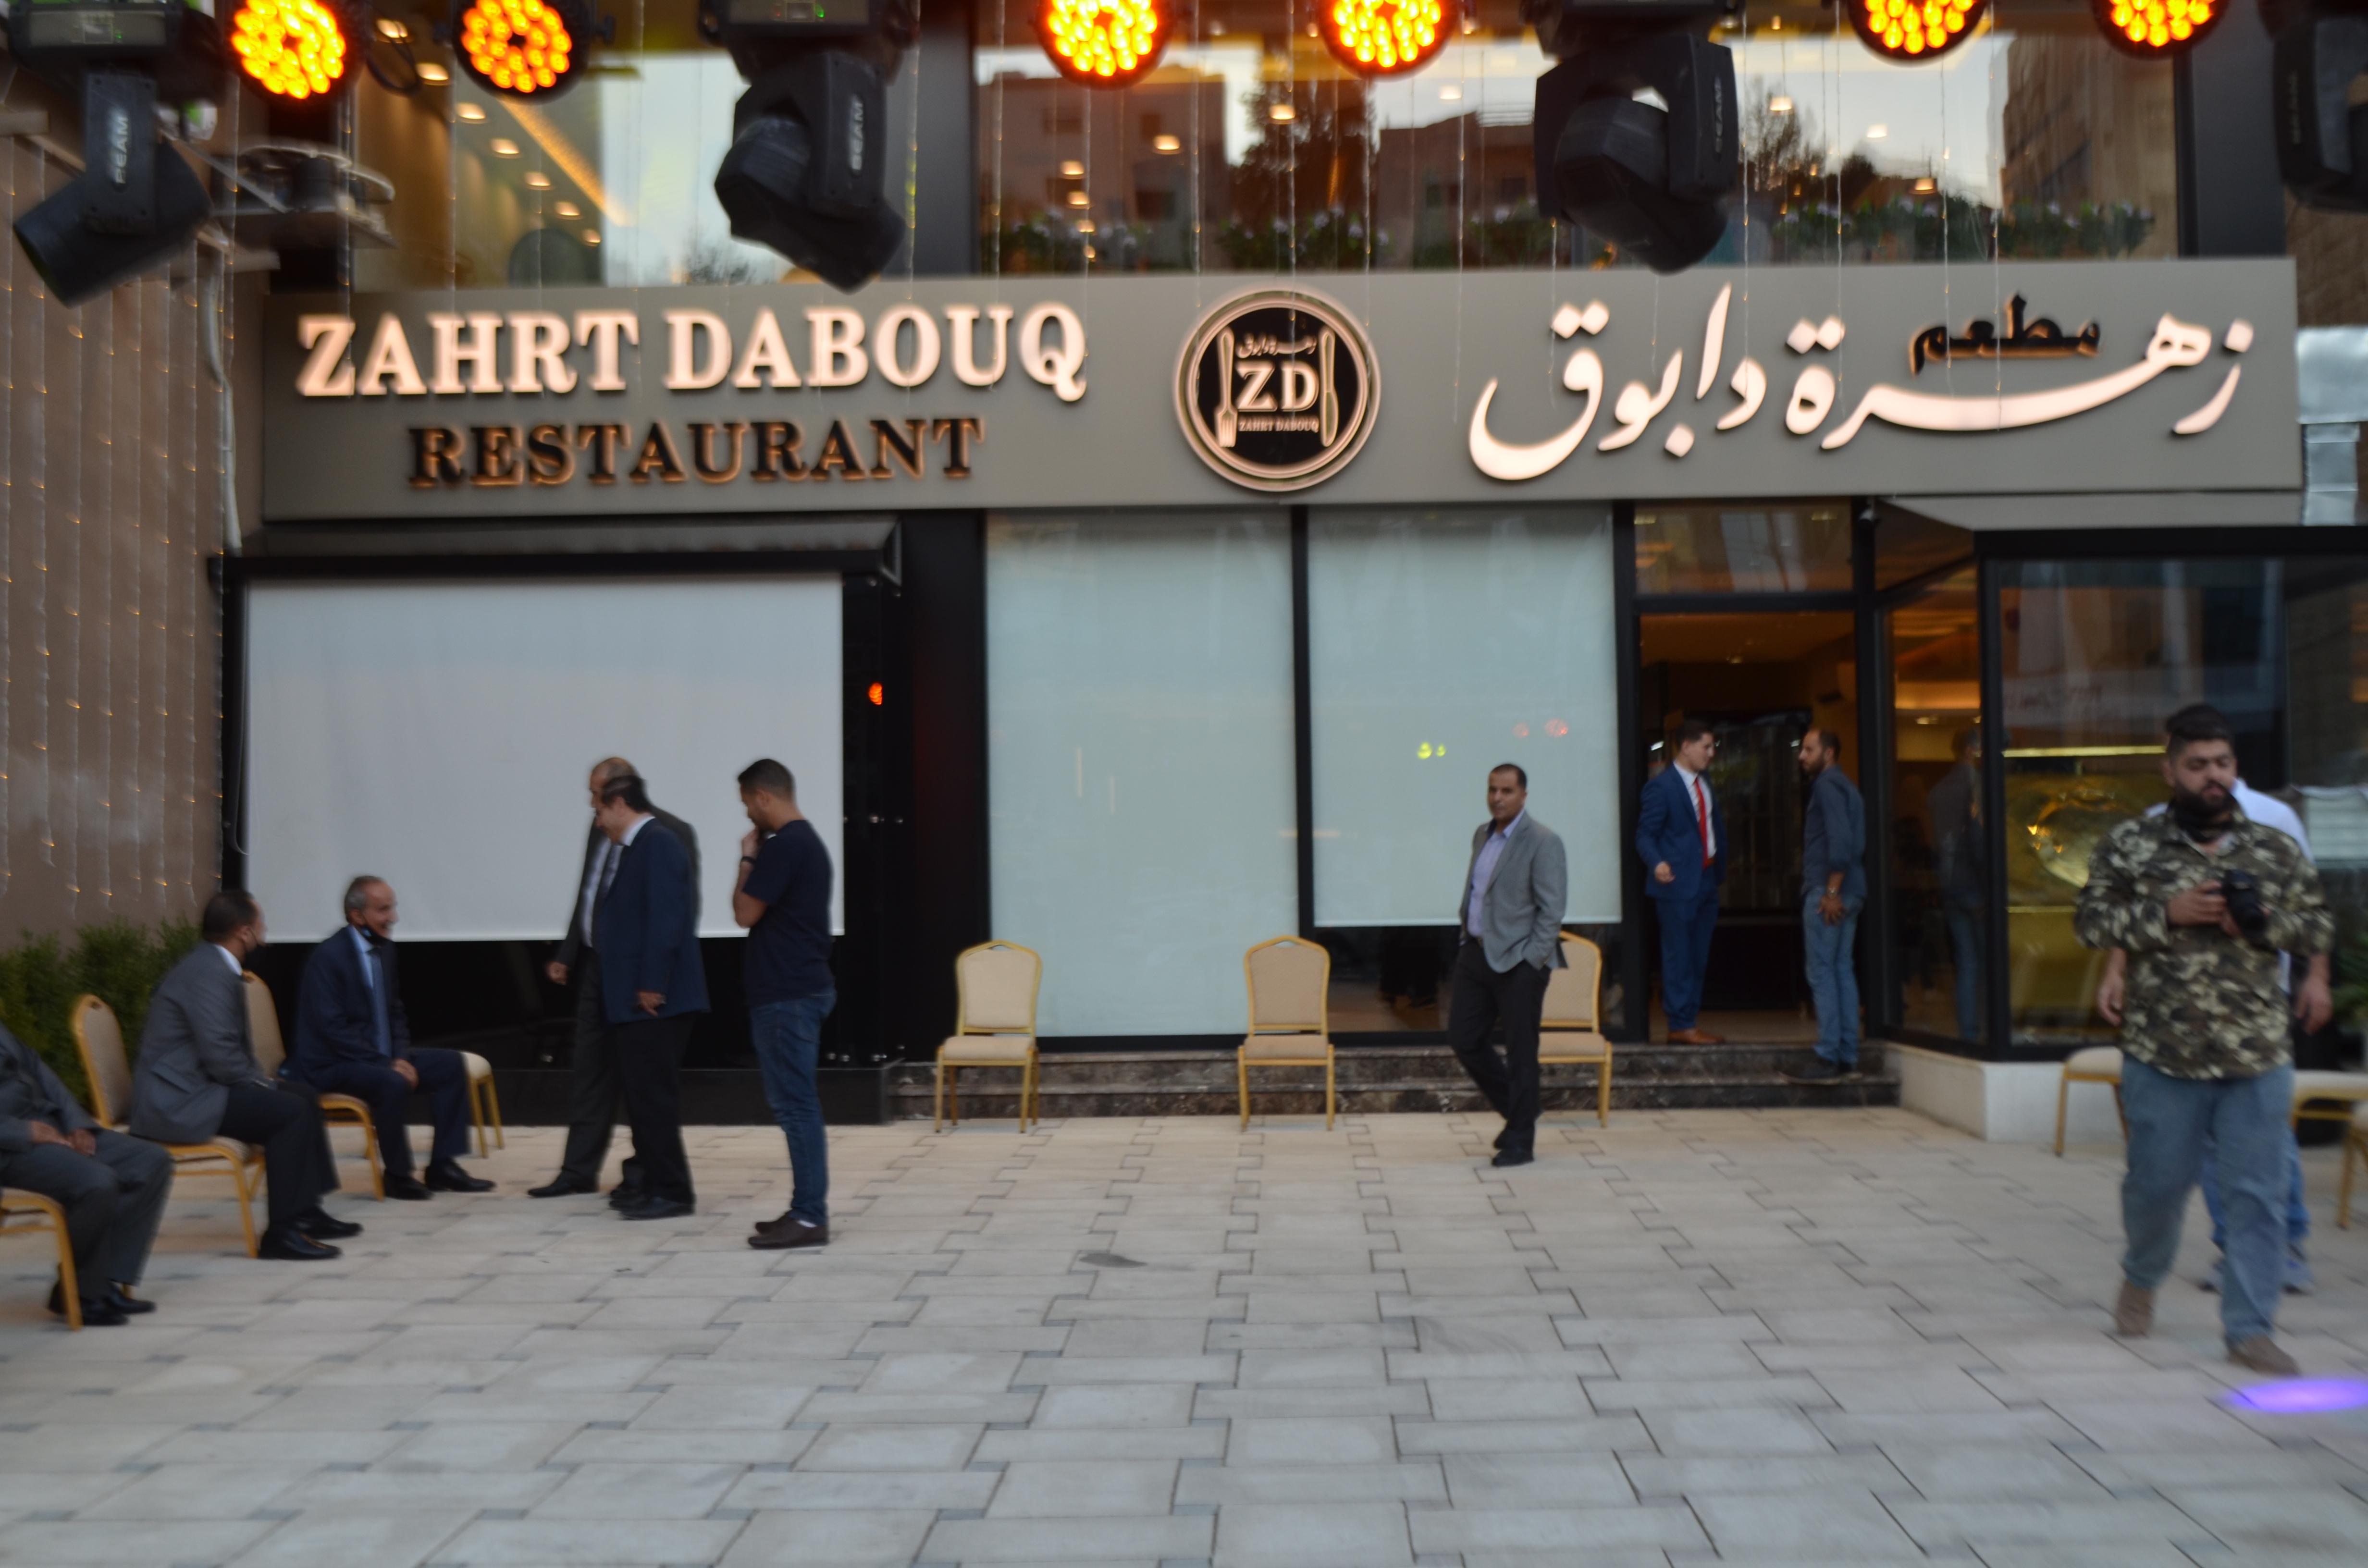 مطعم زهرة دابوق مذاق وجودة عالمية بايدي اردنية